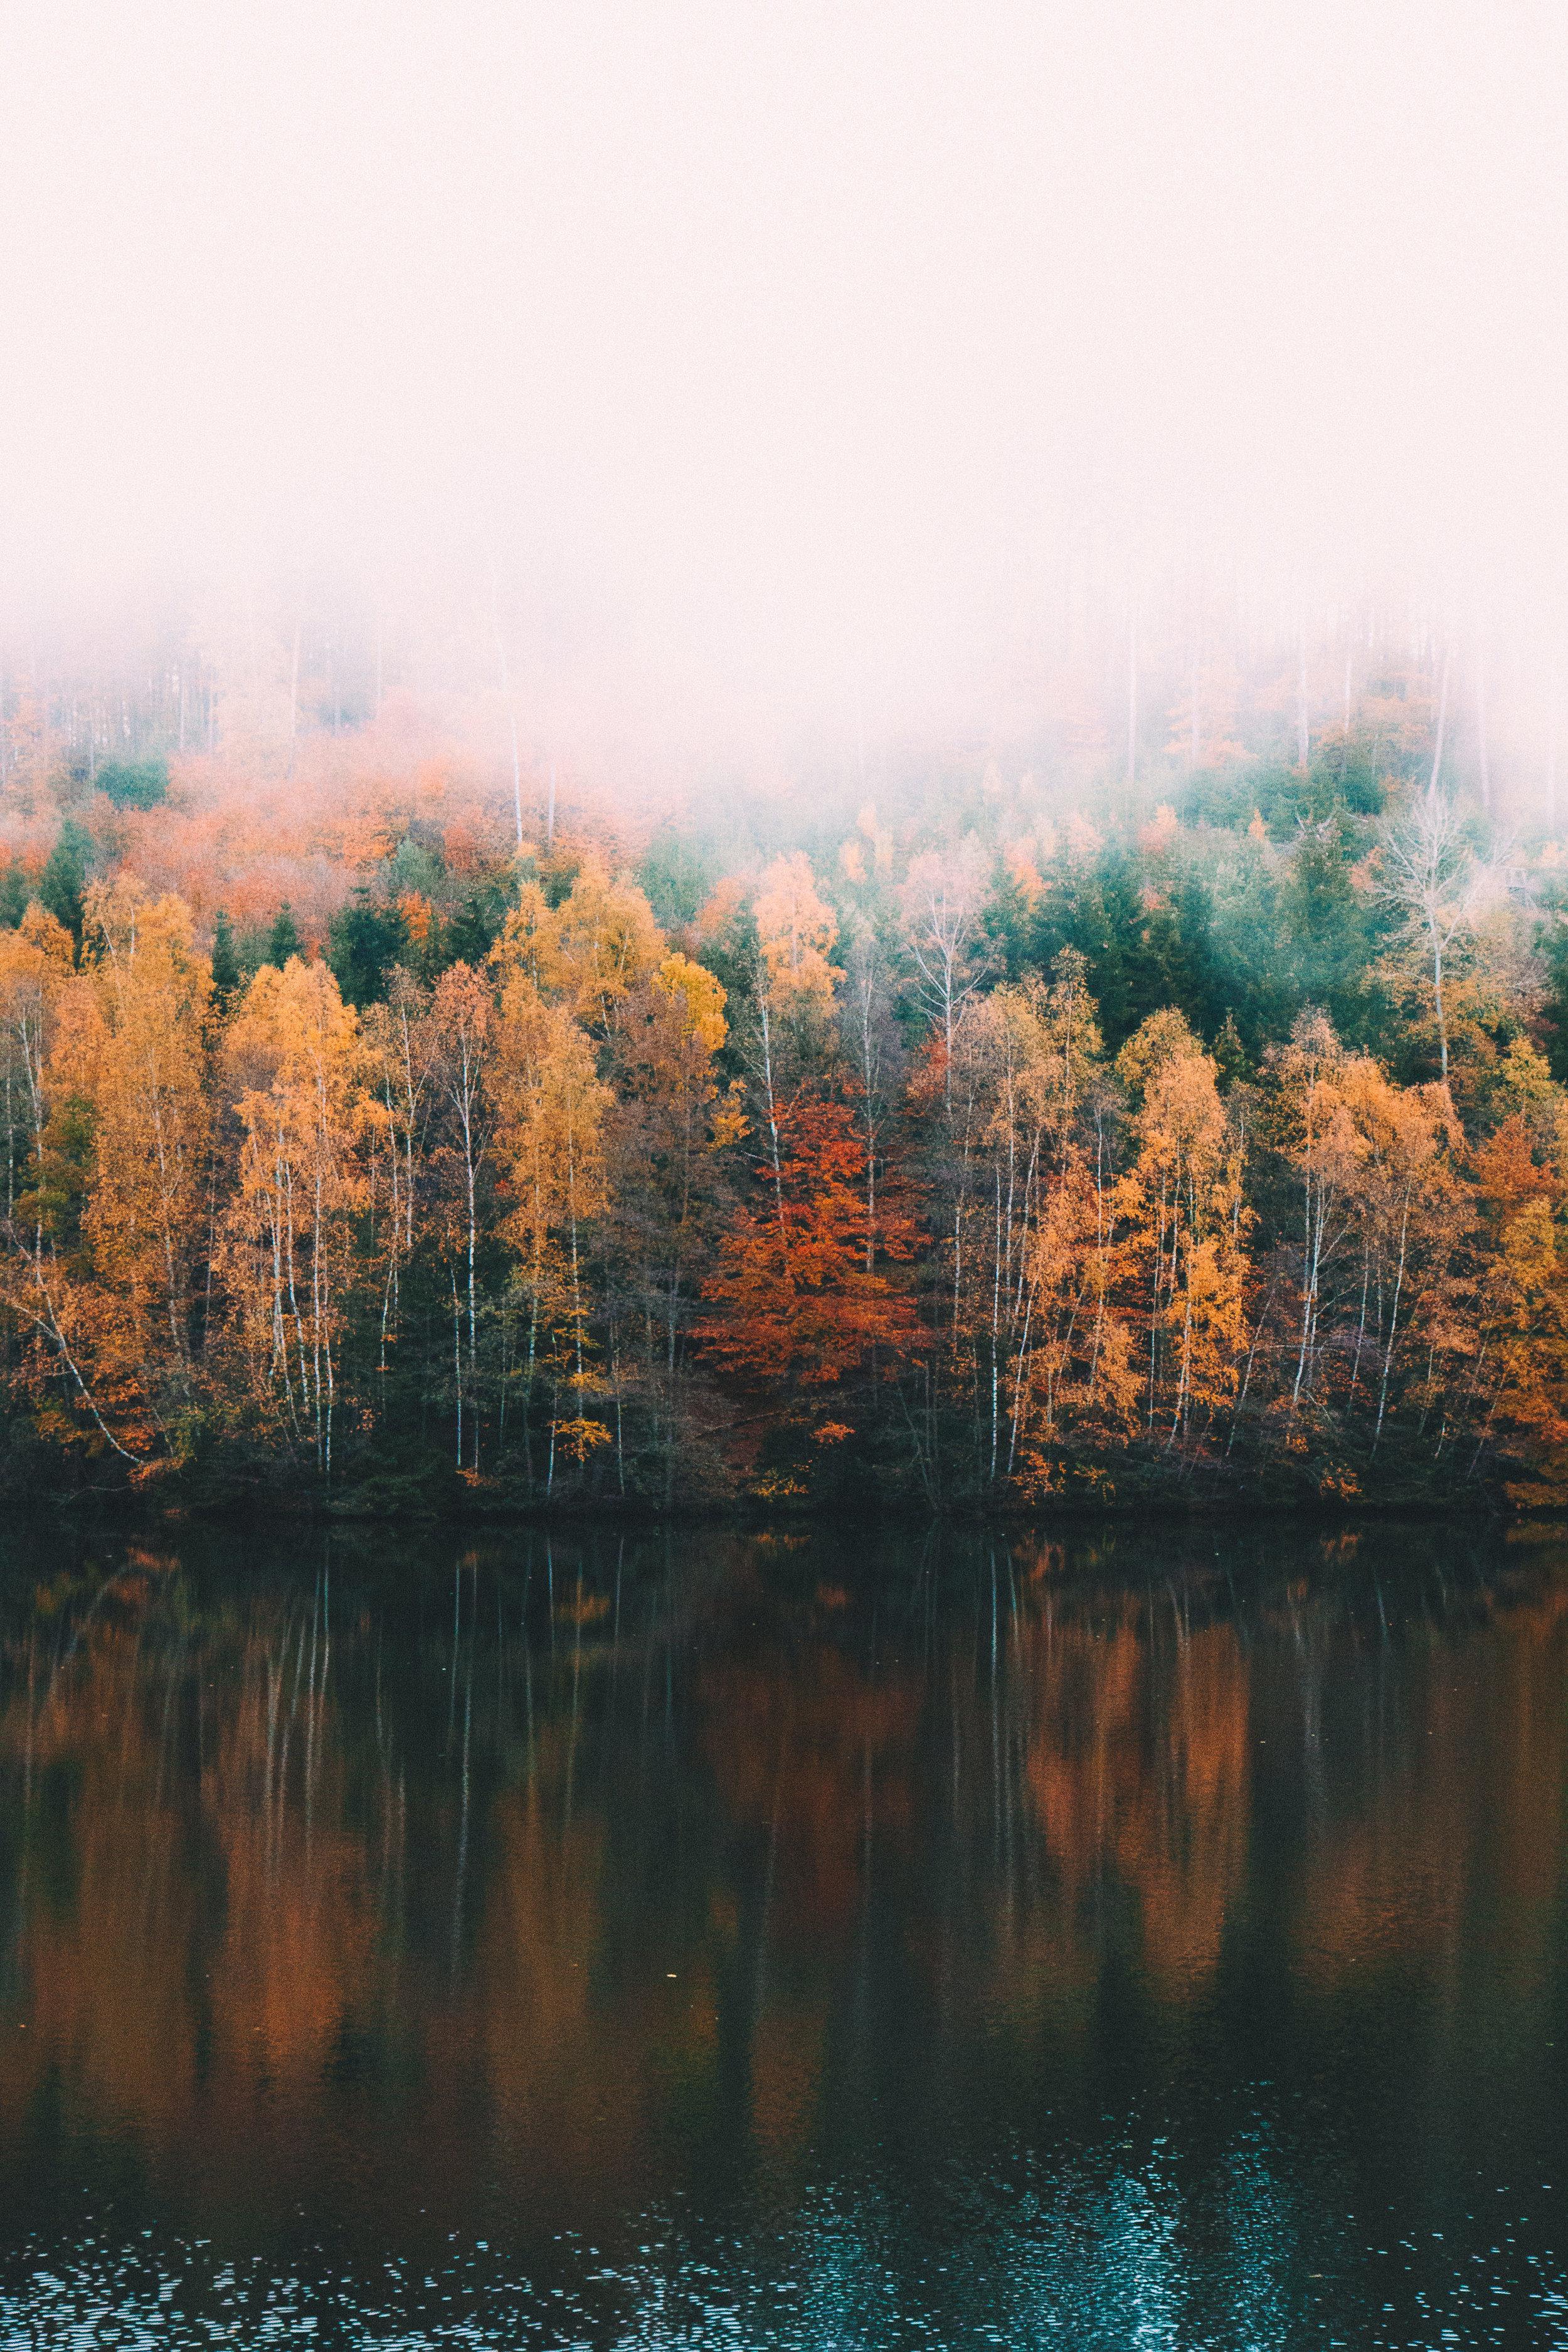 pexels-photo-167695.jpg